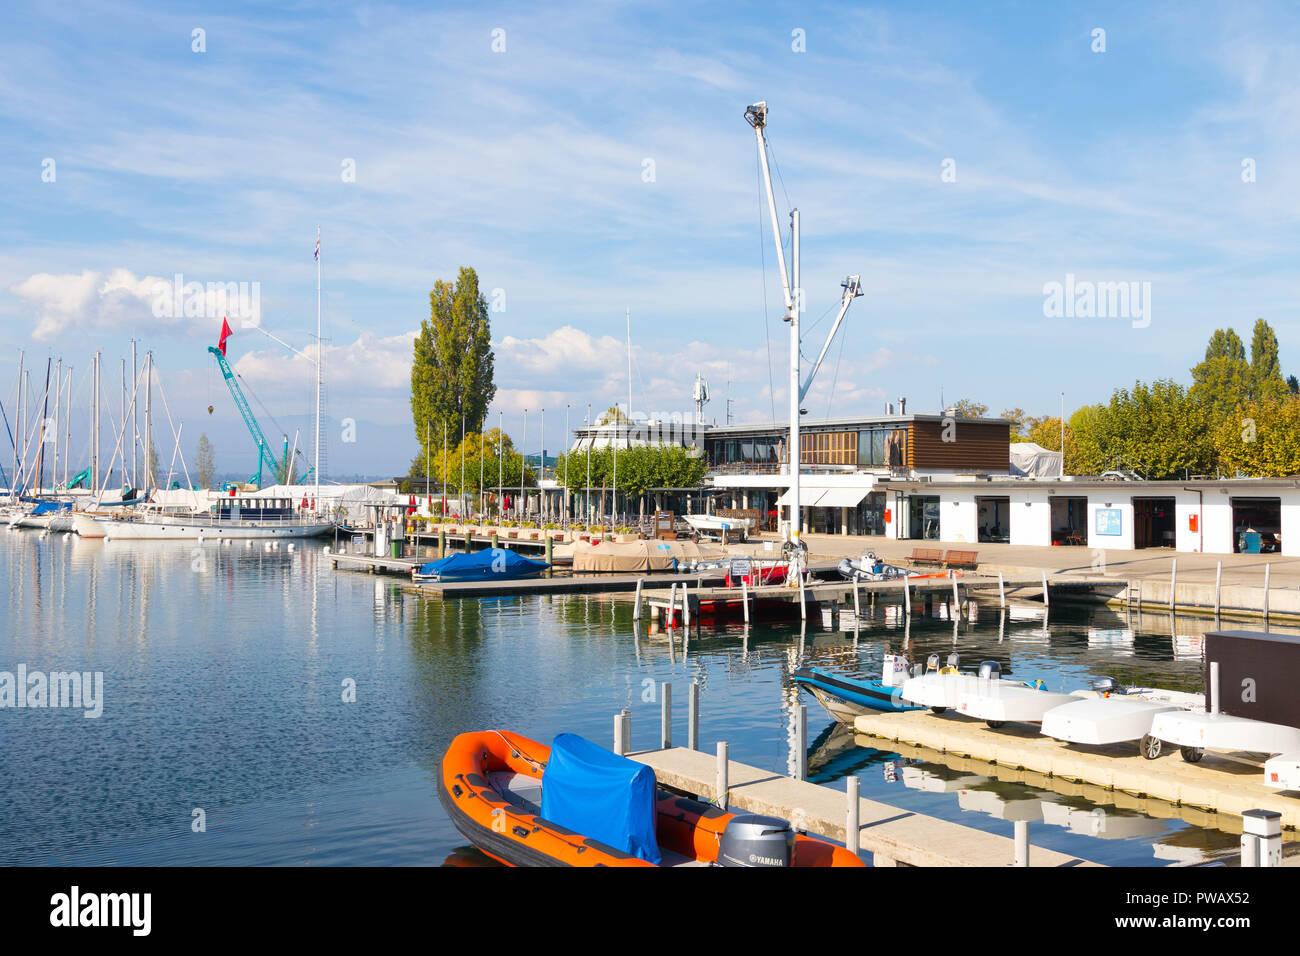 Club Nautique De Nice club nautique stock photos & club nautique stock images - alamy